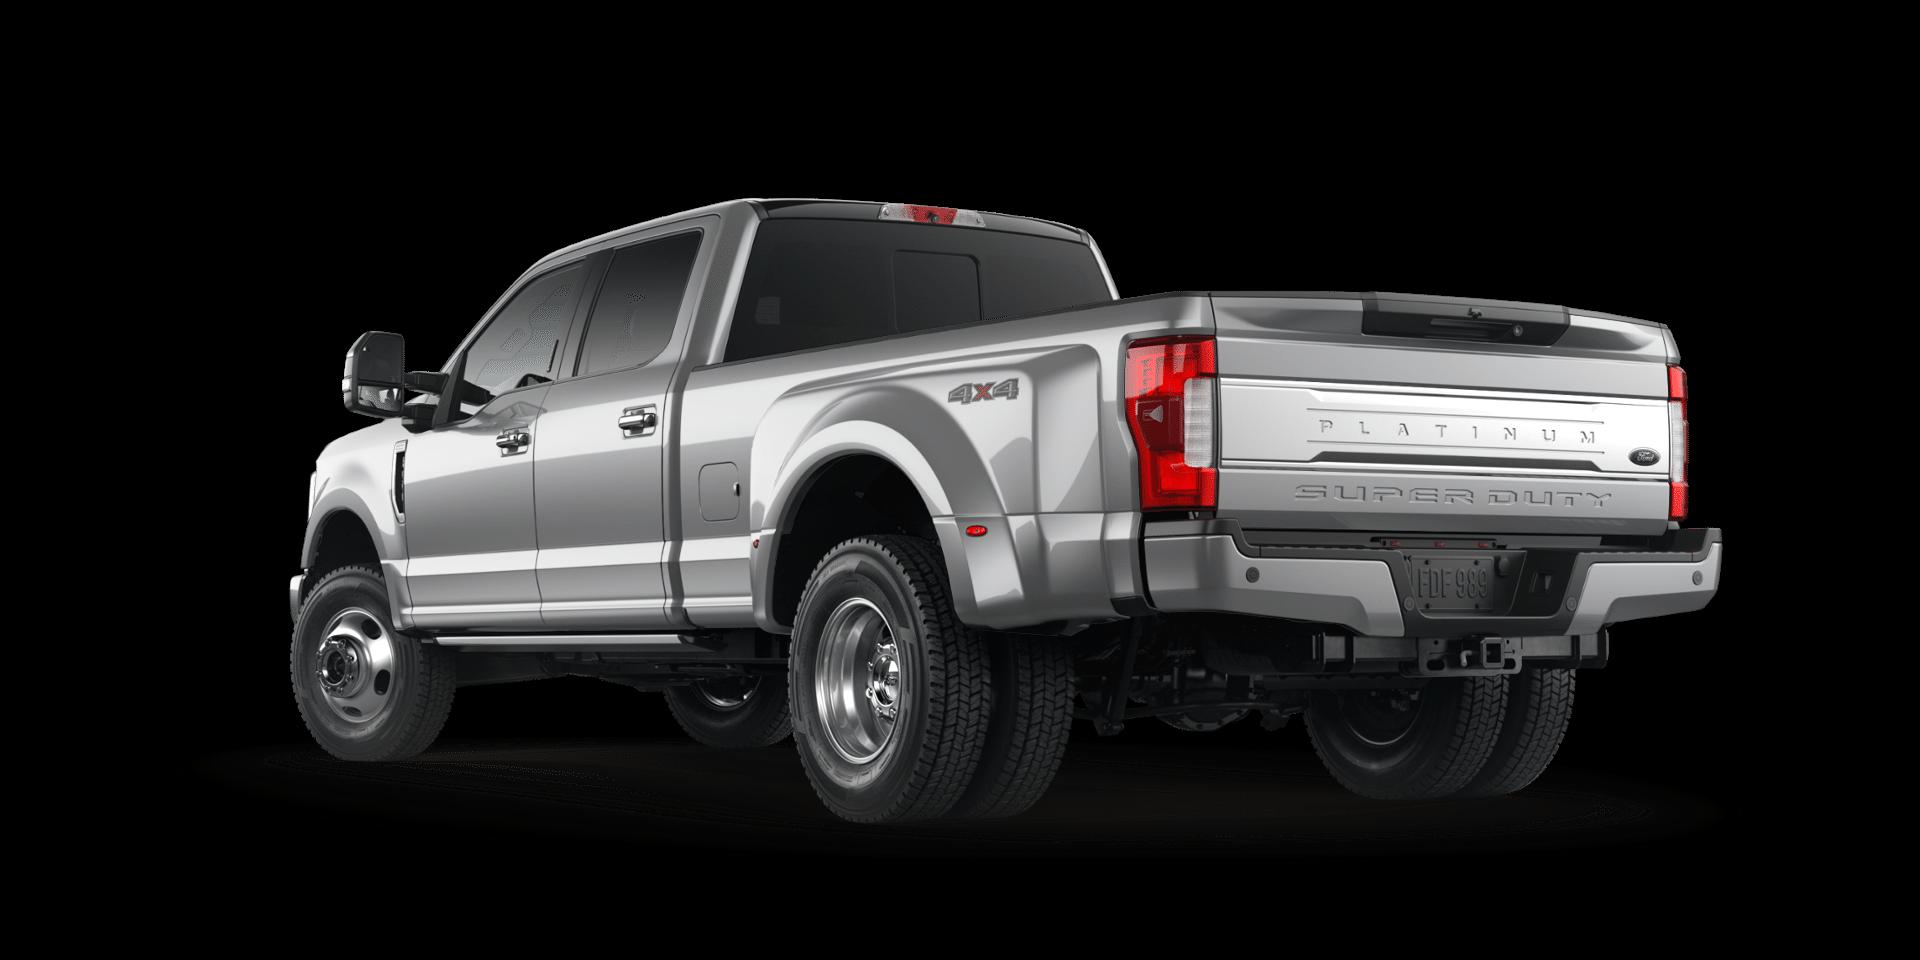 f-350-platinum